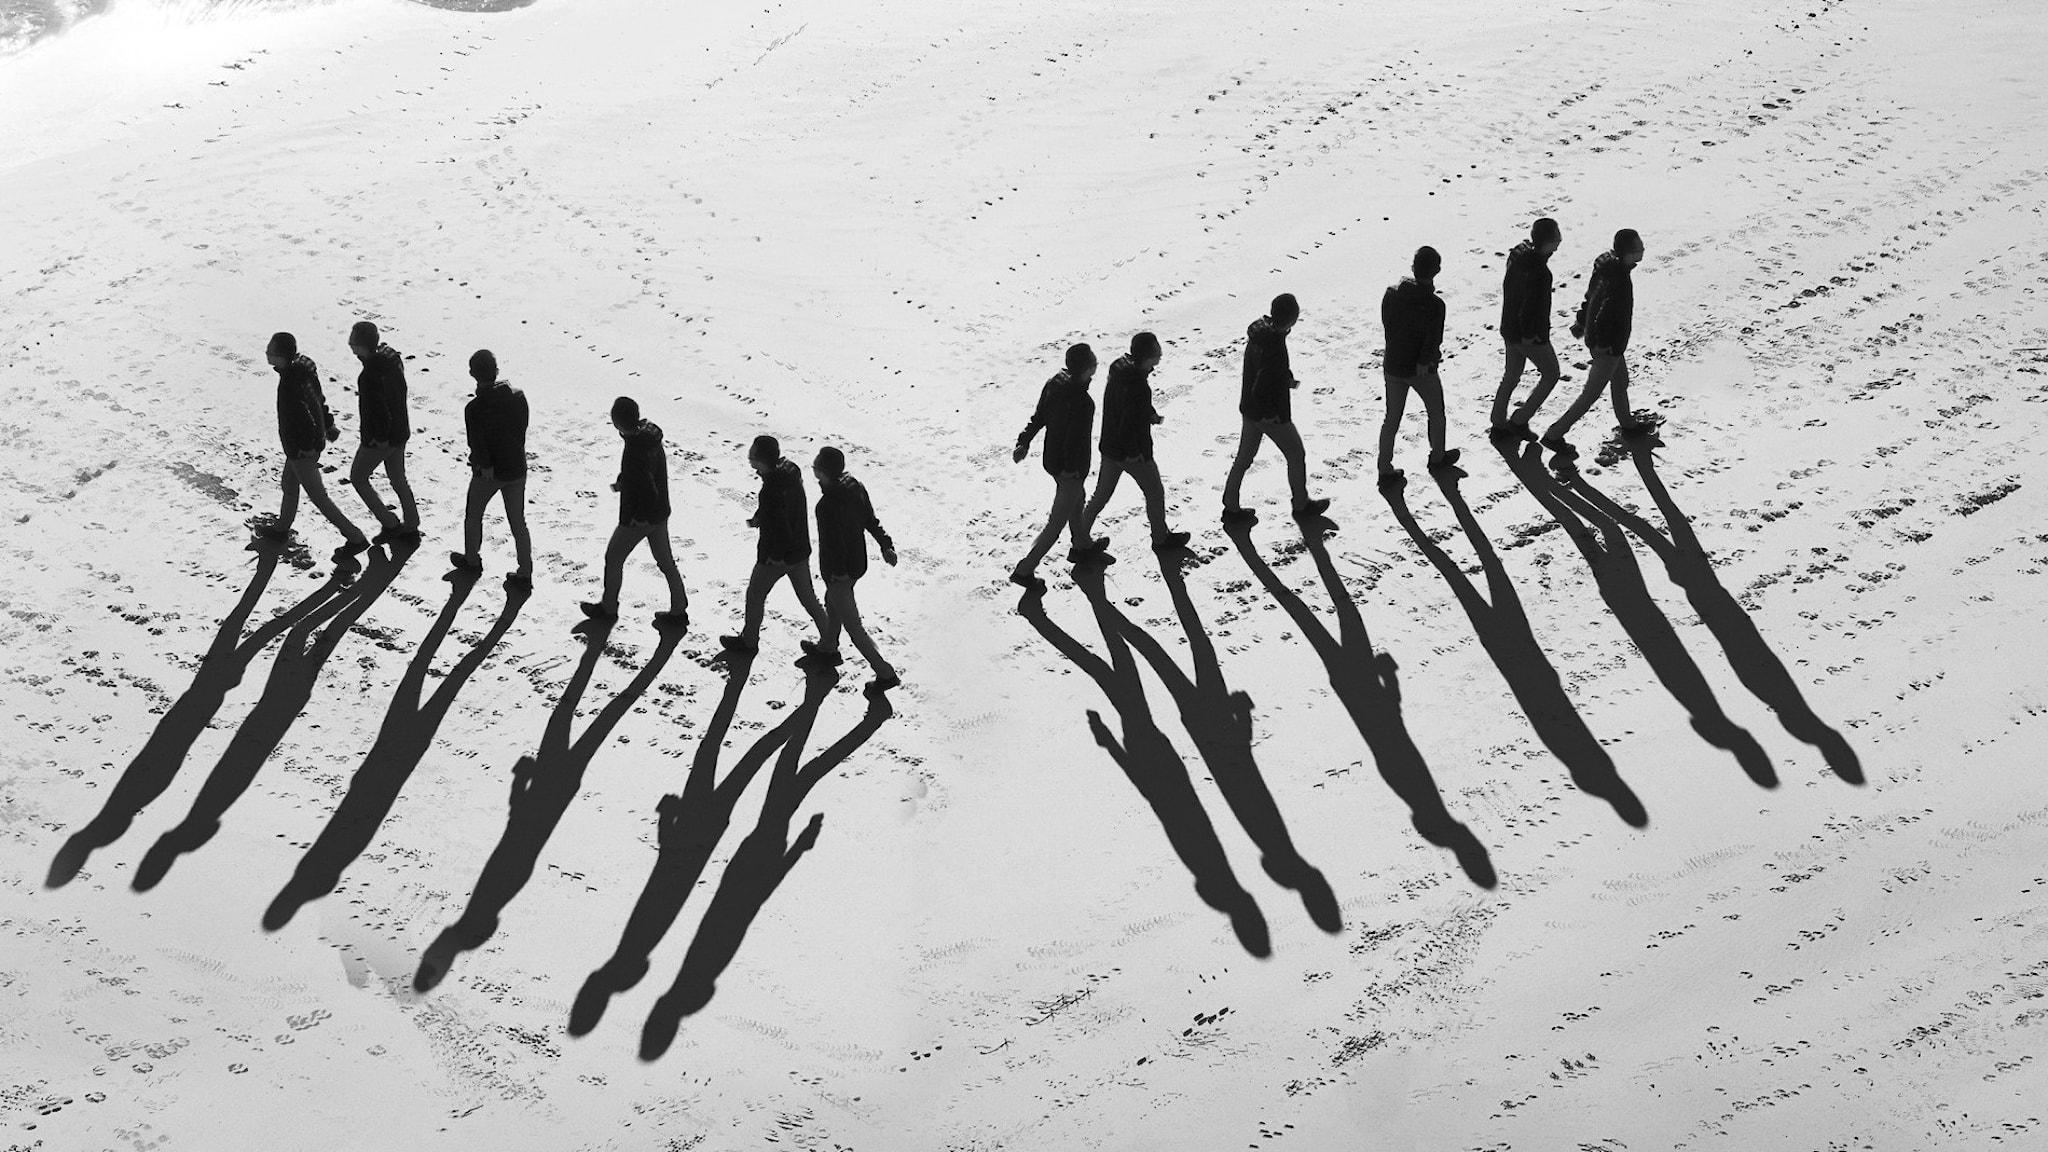 Två grupper av människor går åt var sitt håll